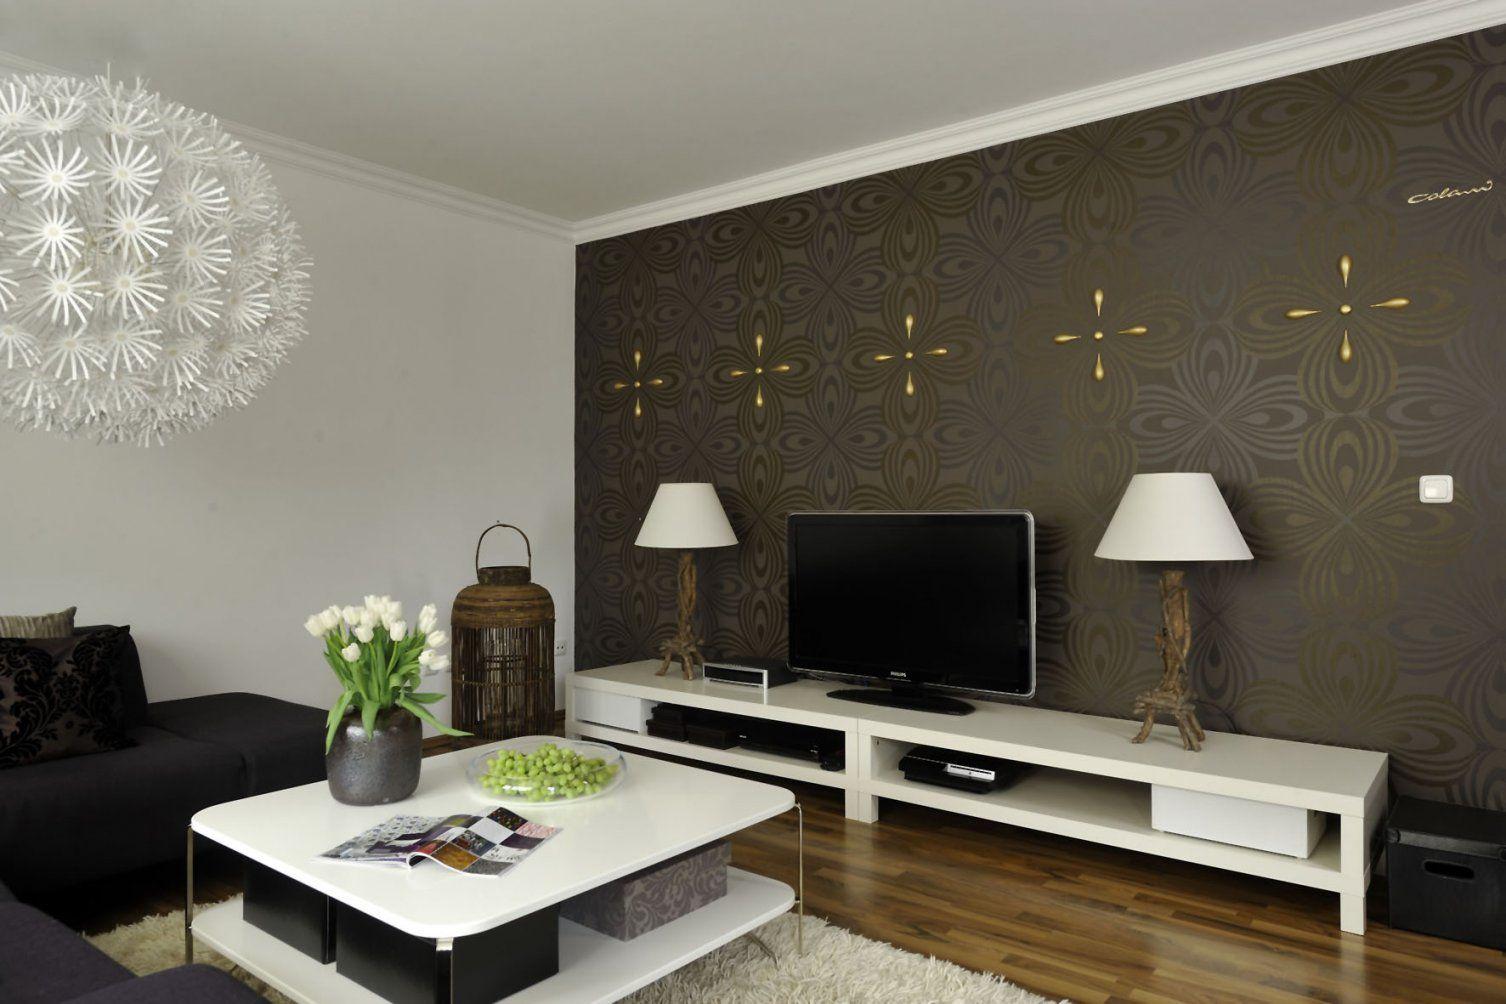 Stylist Design Wohnzimmer Tapete Home Design Ideas von Wohnzimmer ...